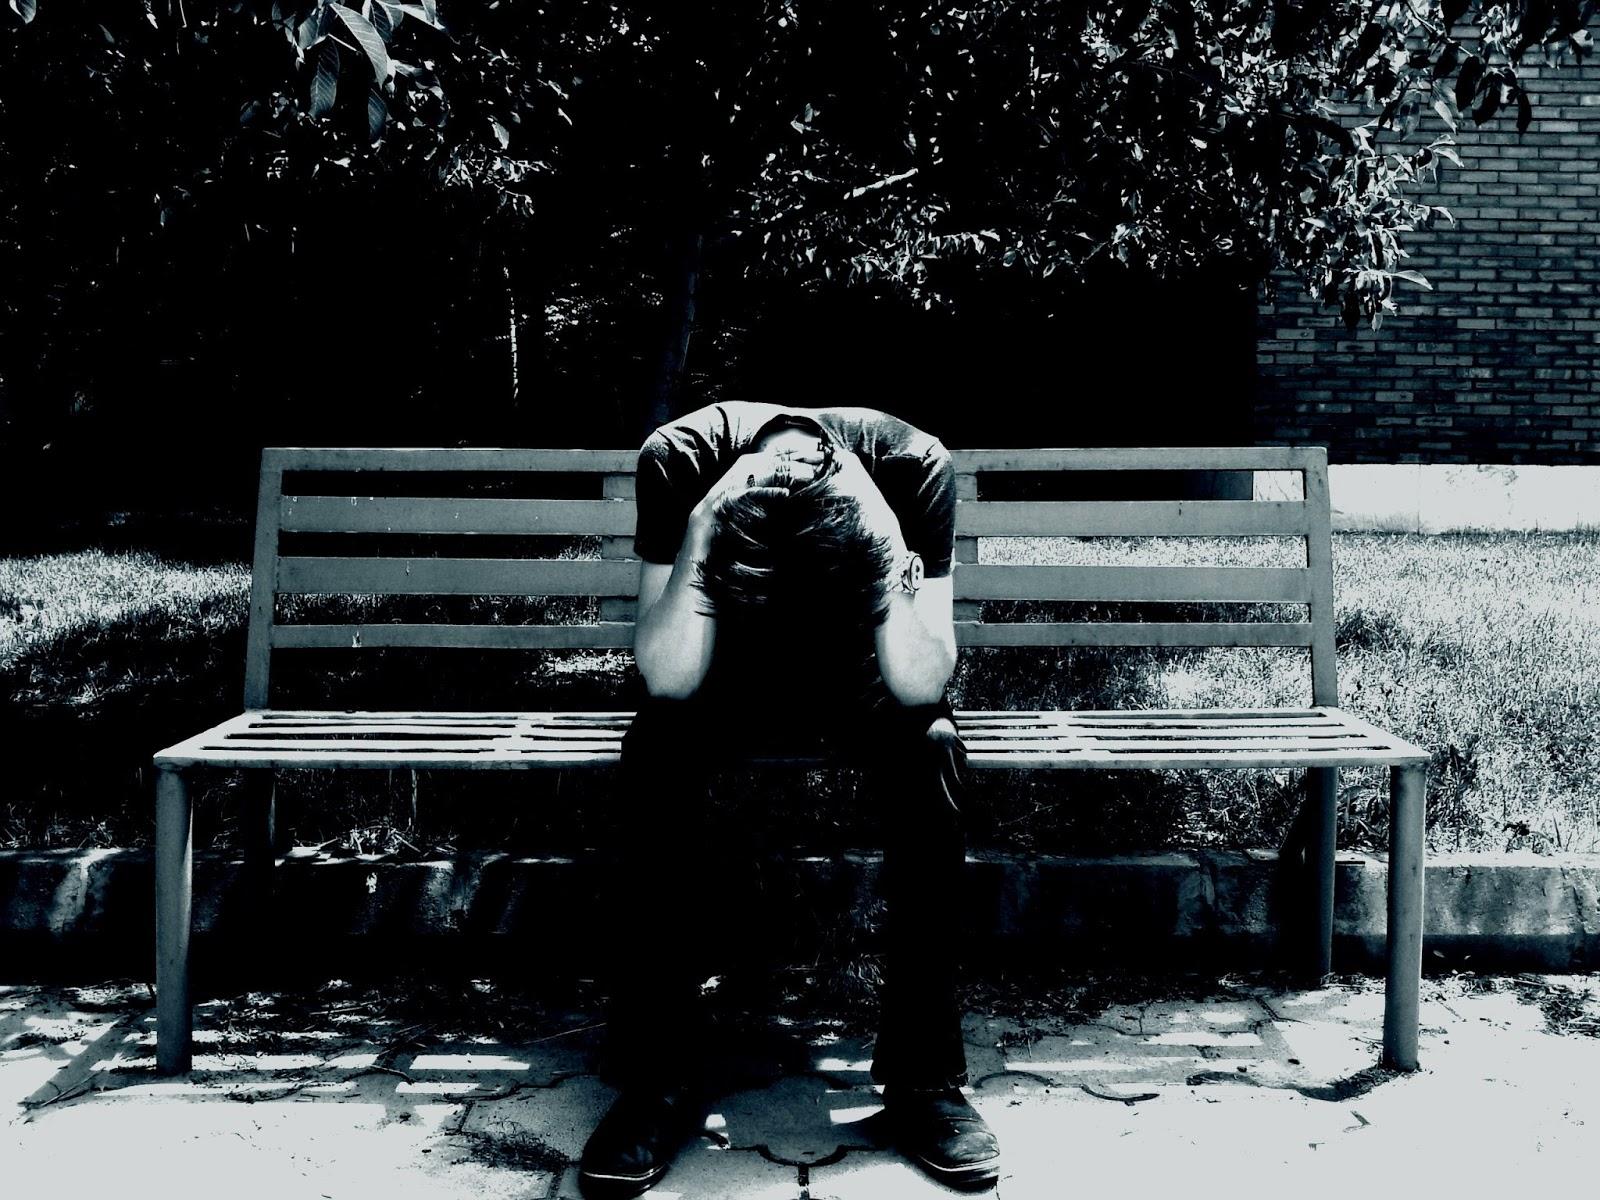 Imágenes Y Fotos De Hombres Tristes 5 Imágenes Para Whatsapp Y